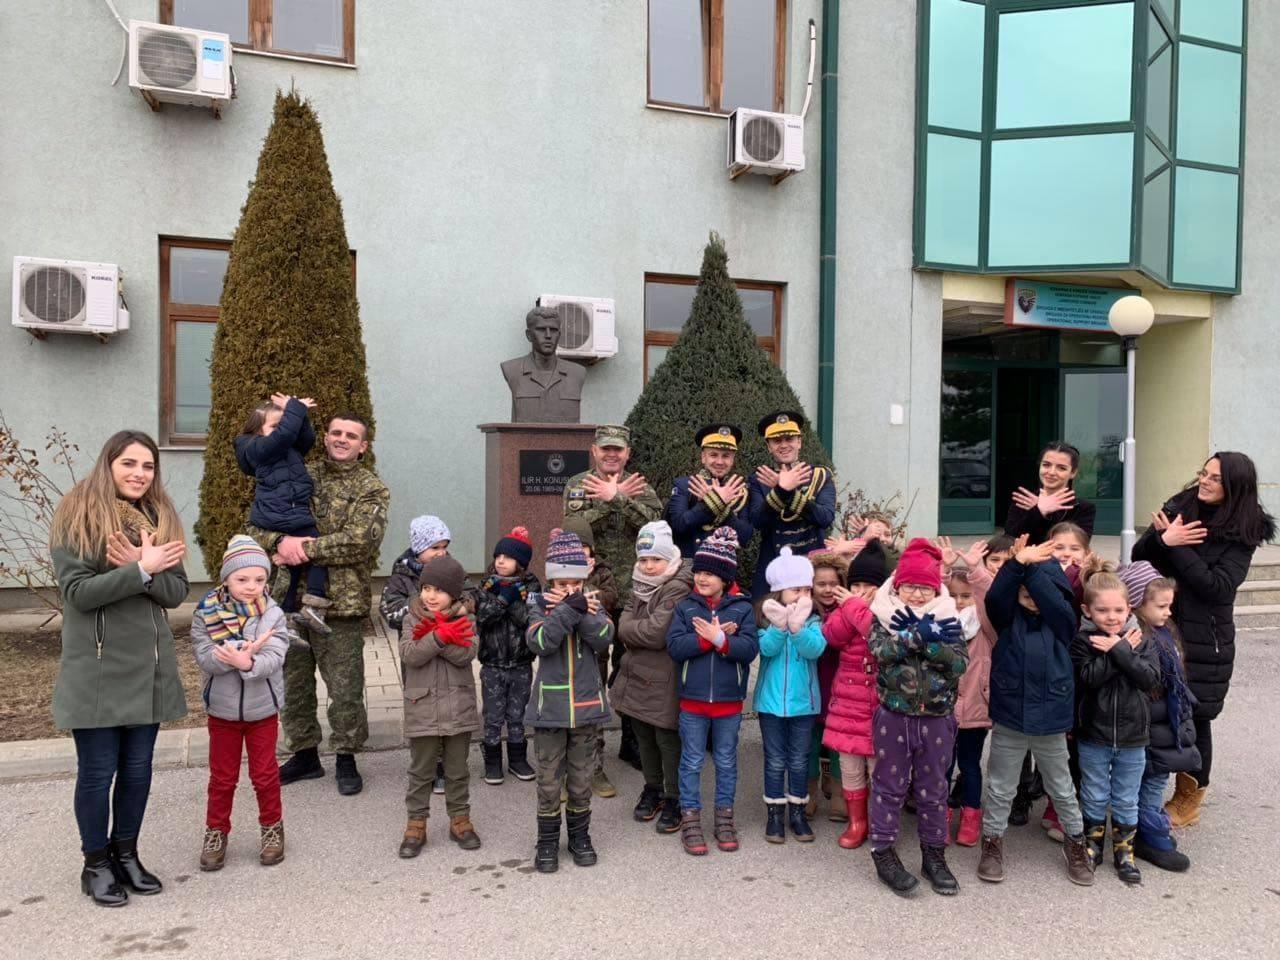 Ushtarët e Kosovës vizitohen nga këta fëmijë